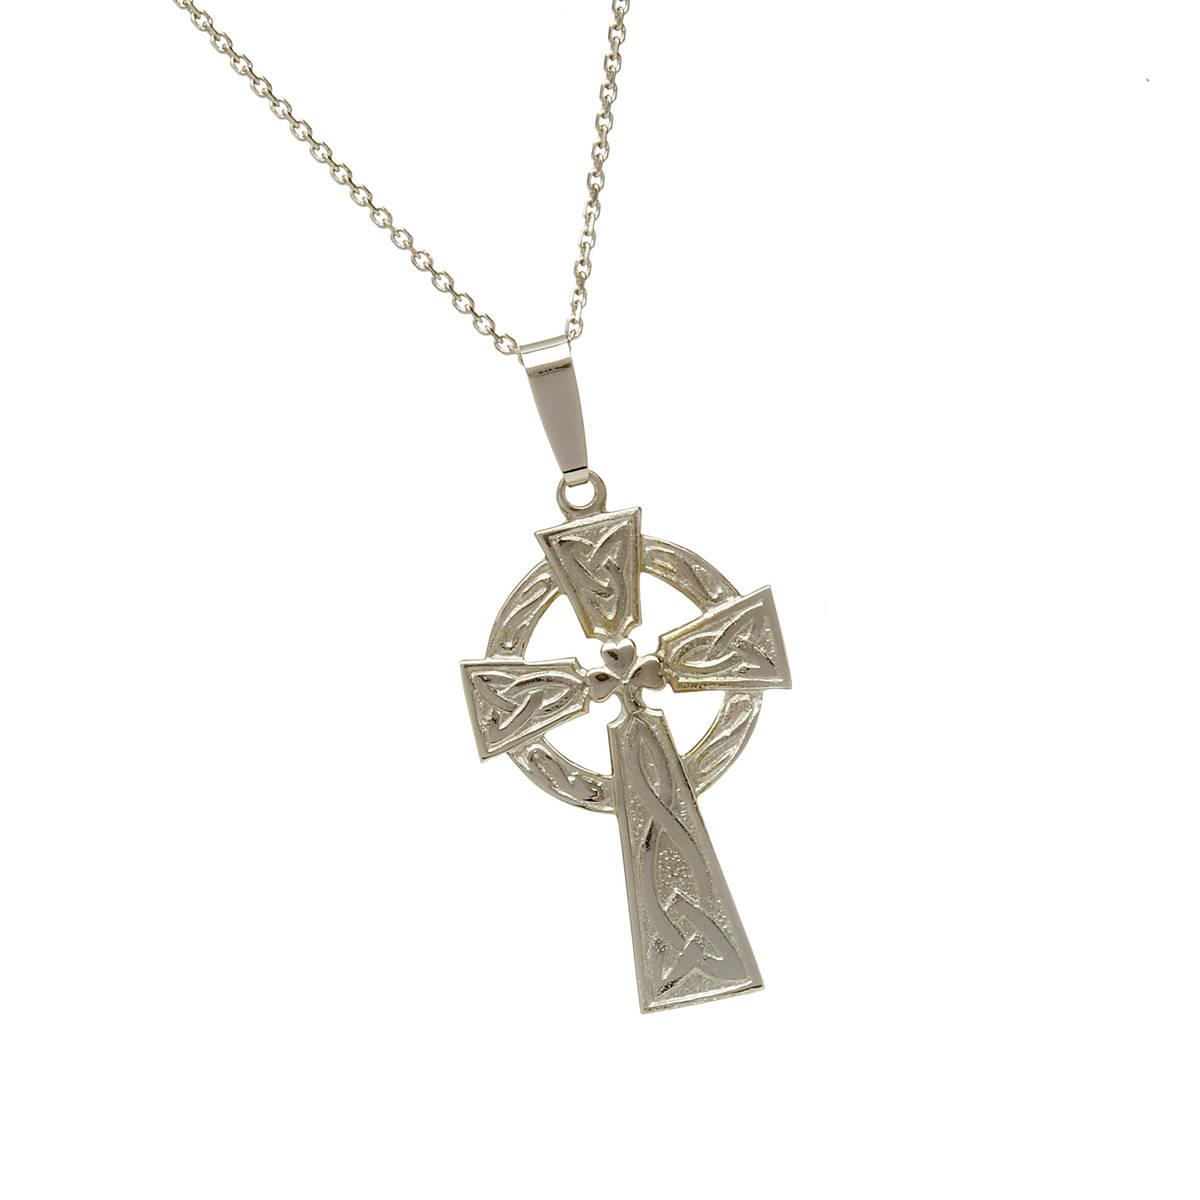 10 carat white gold shamrock celtic cross pendant.